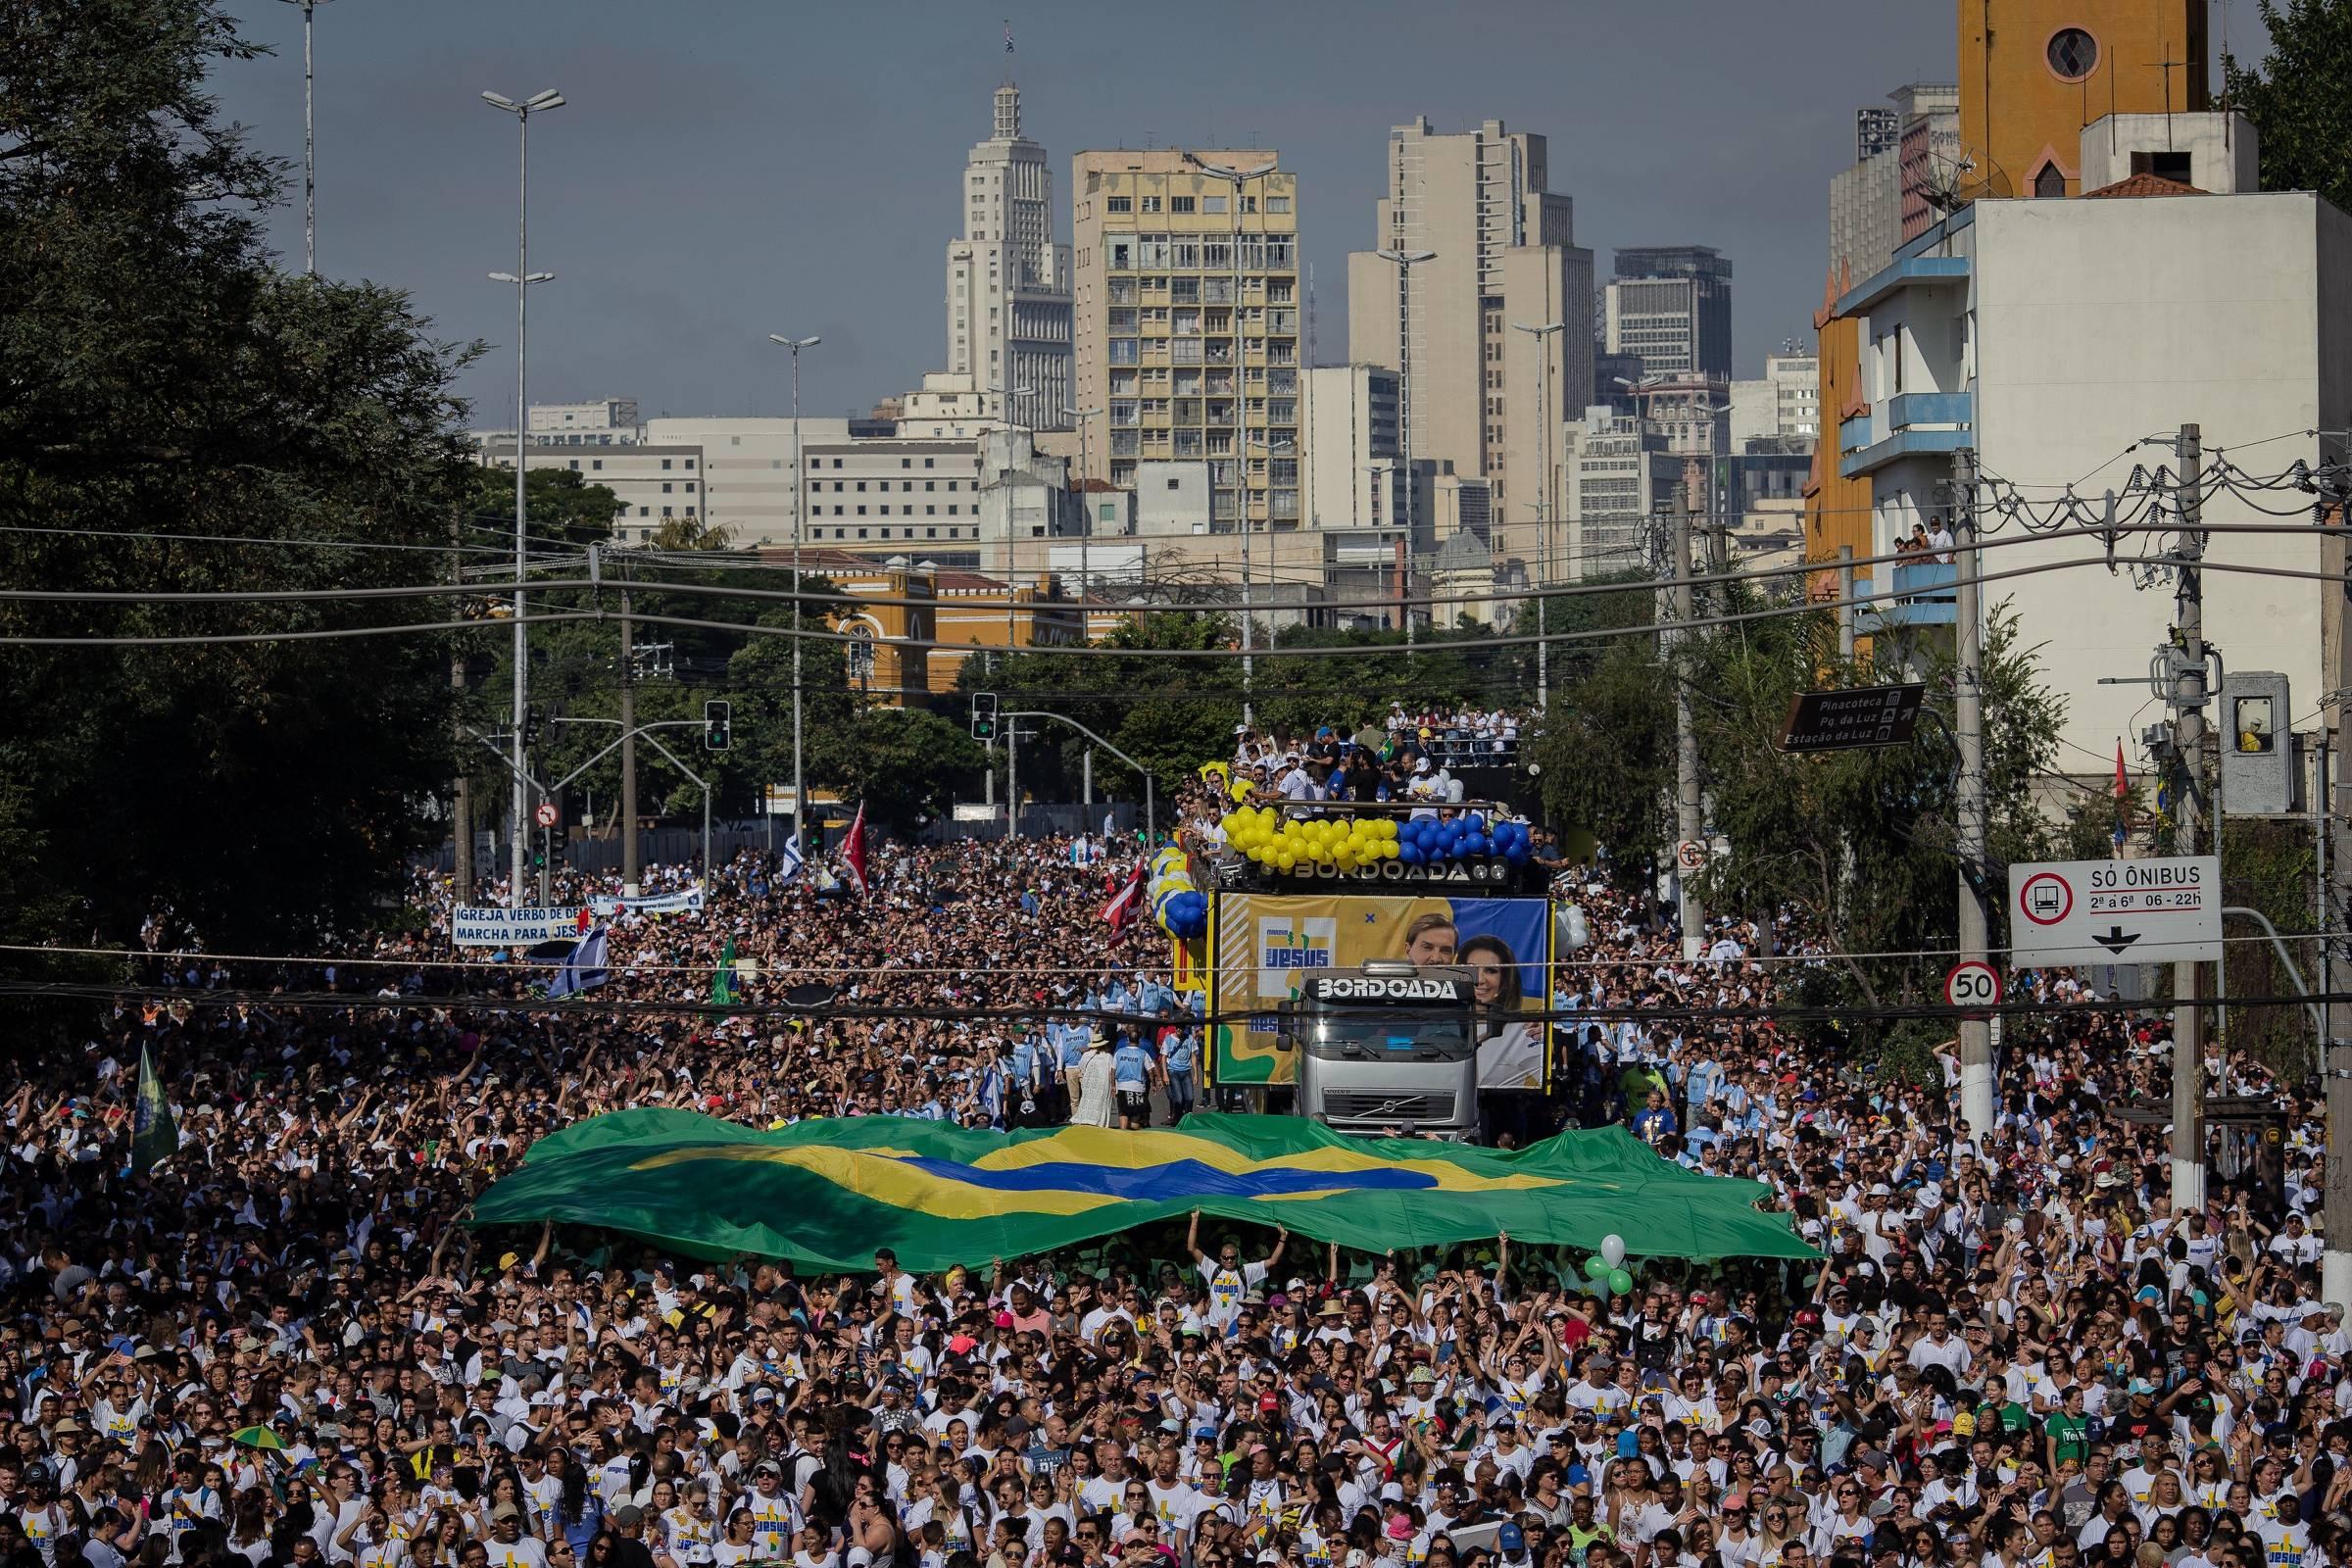 Resultado de imagem para fotos da marcha para jesus 2019